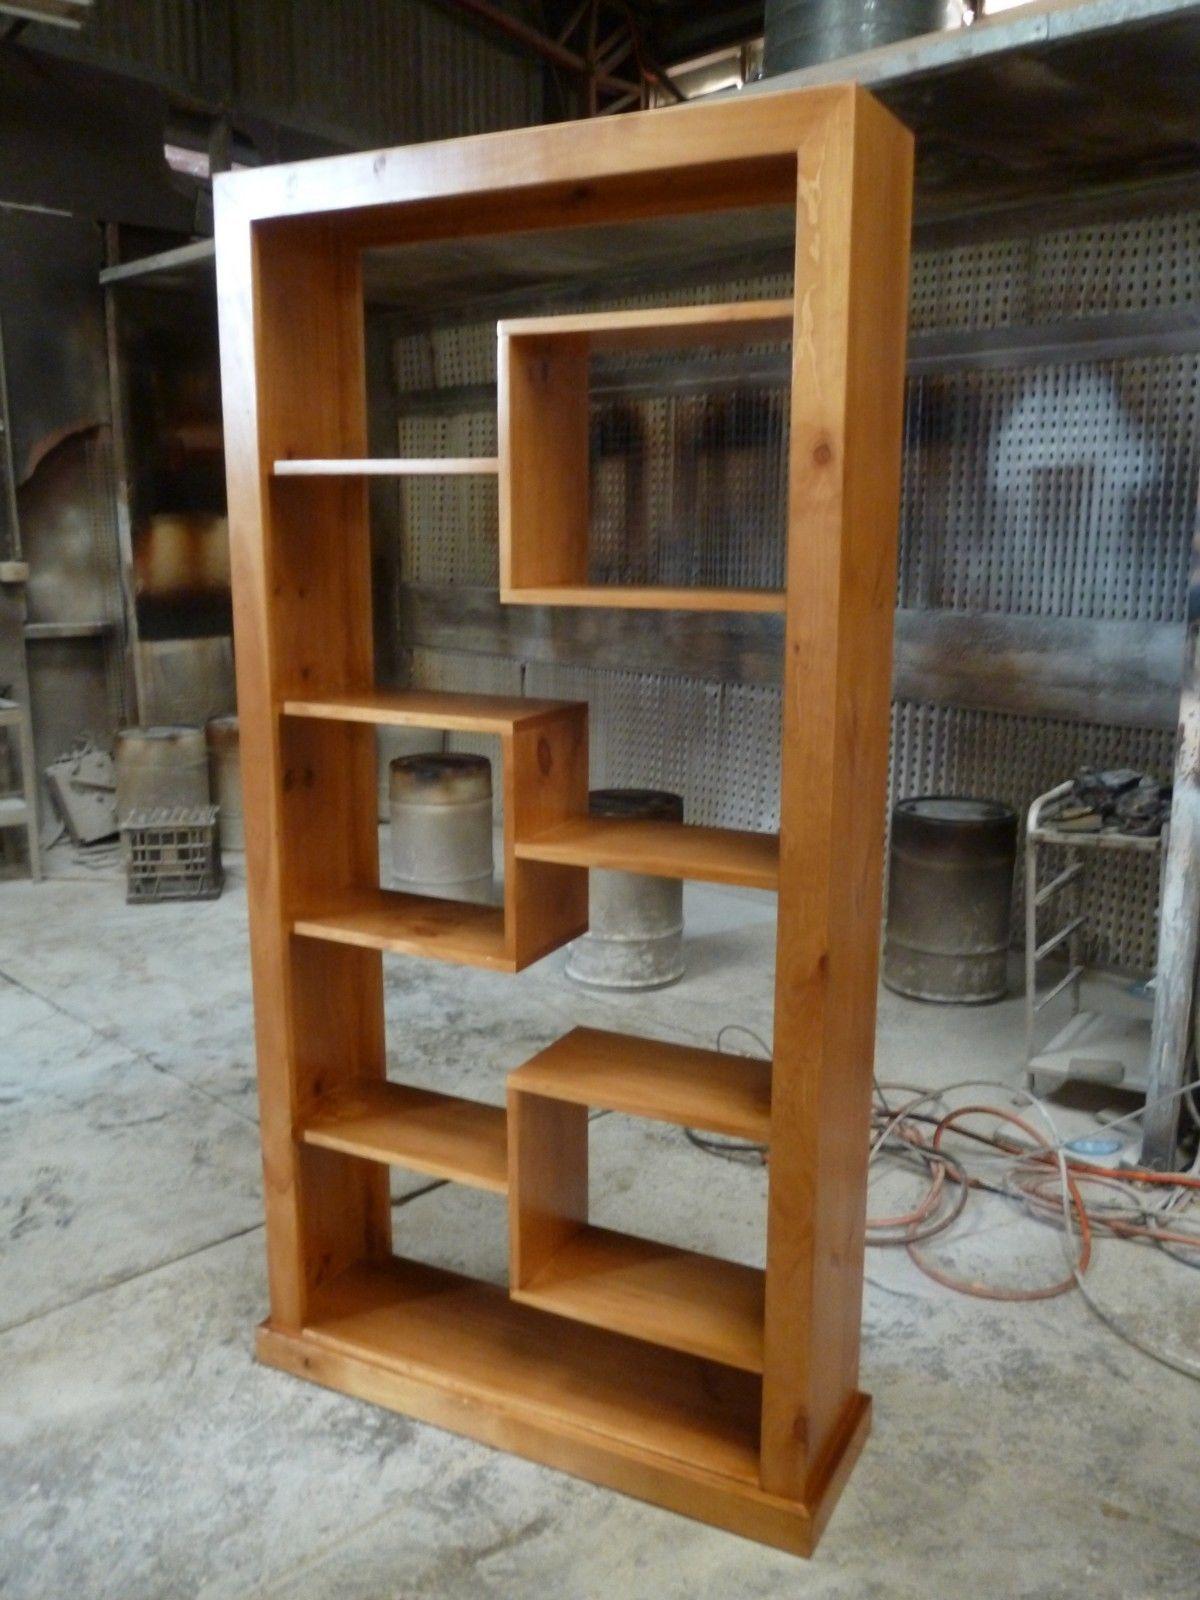 Lokale Tassie Eiche Holz Holz 2 Stuck Raumteiler Bucherregal Vitrine Ebay In 2020 Bucherregal Raumteiler Raumteiler Regal Raumteiler